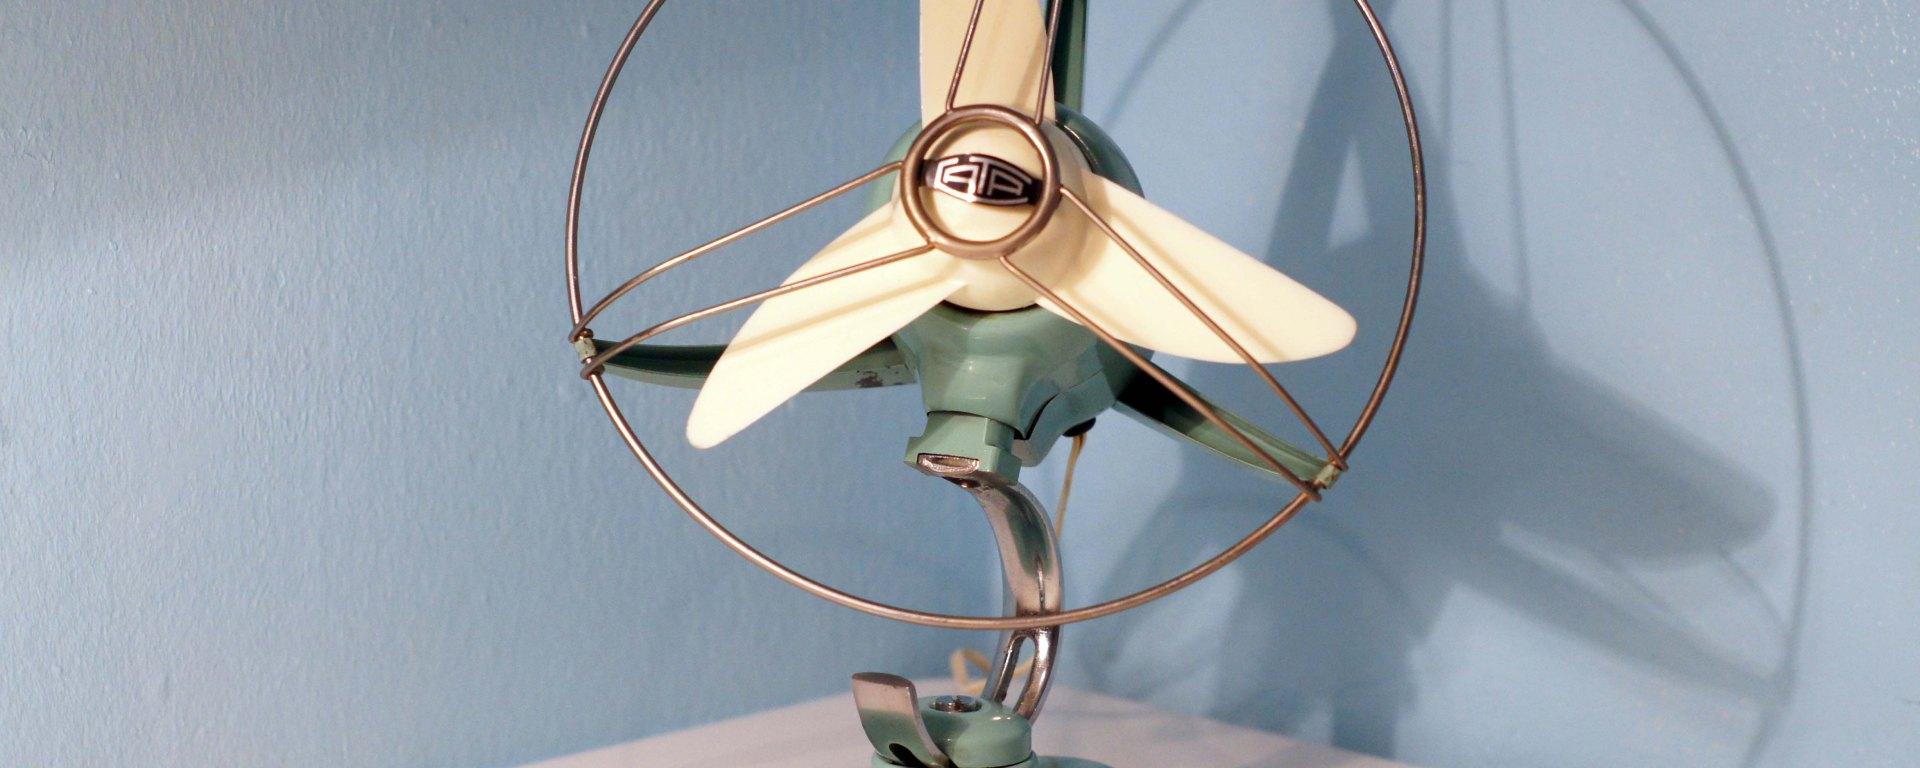 Si el ventilador NO ENFRÍA la habitación.. ¿Por qué notamos sensación de frescor?